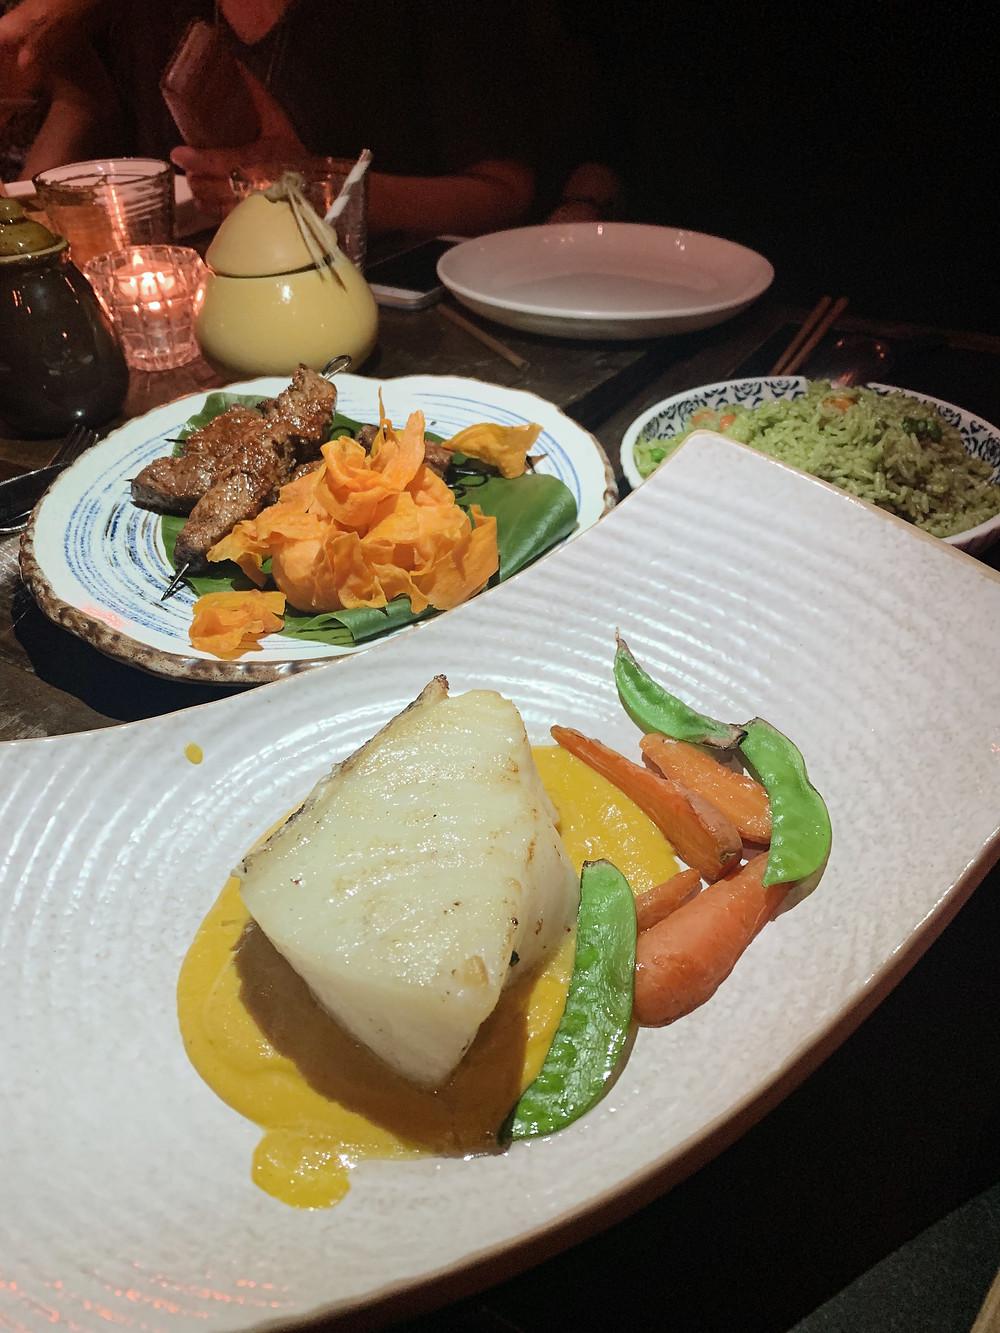 Food at TokyoLima restaurant in Hong Kong